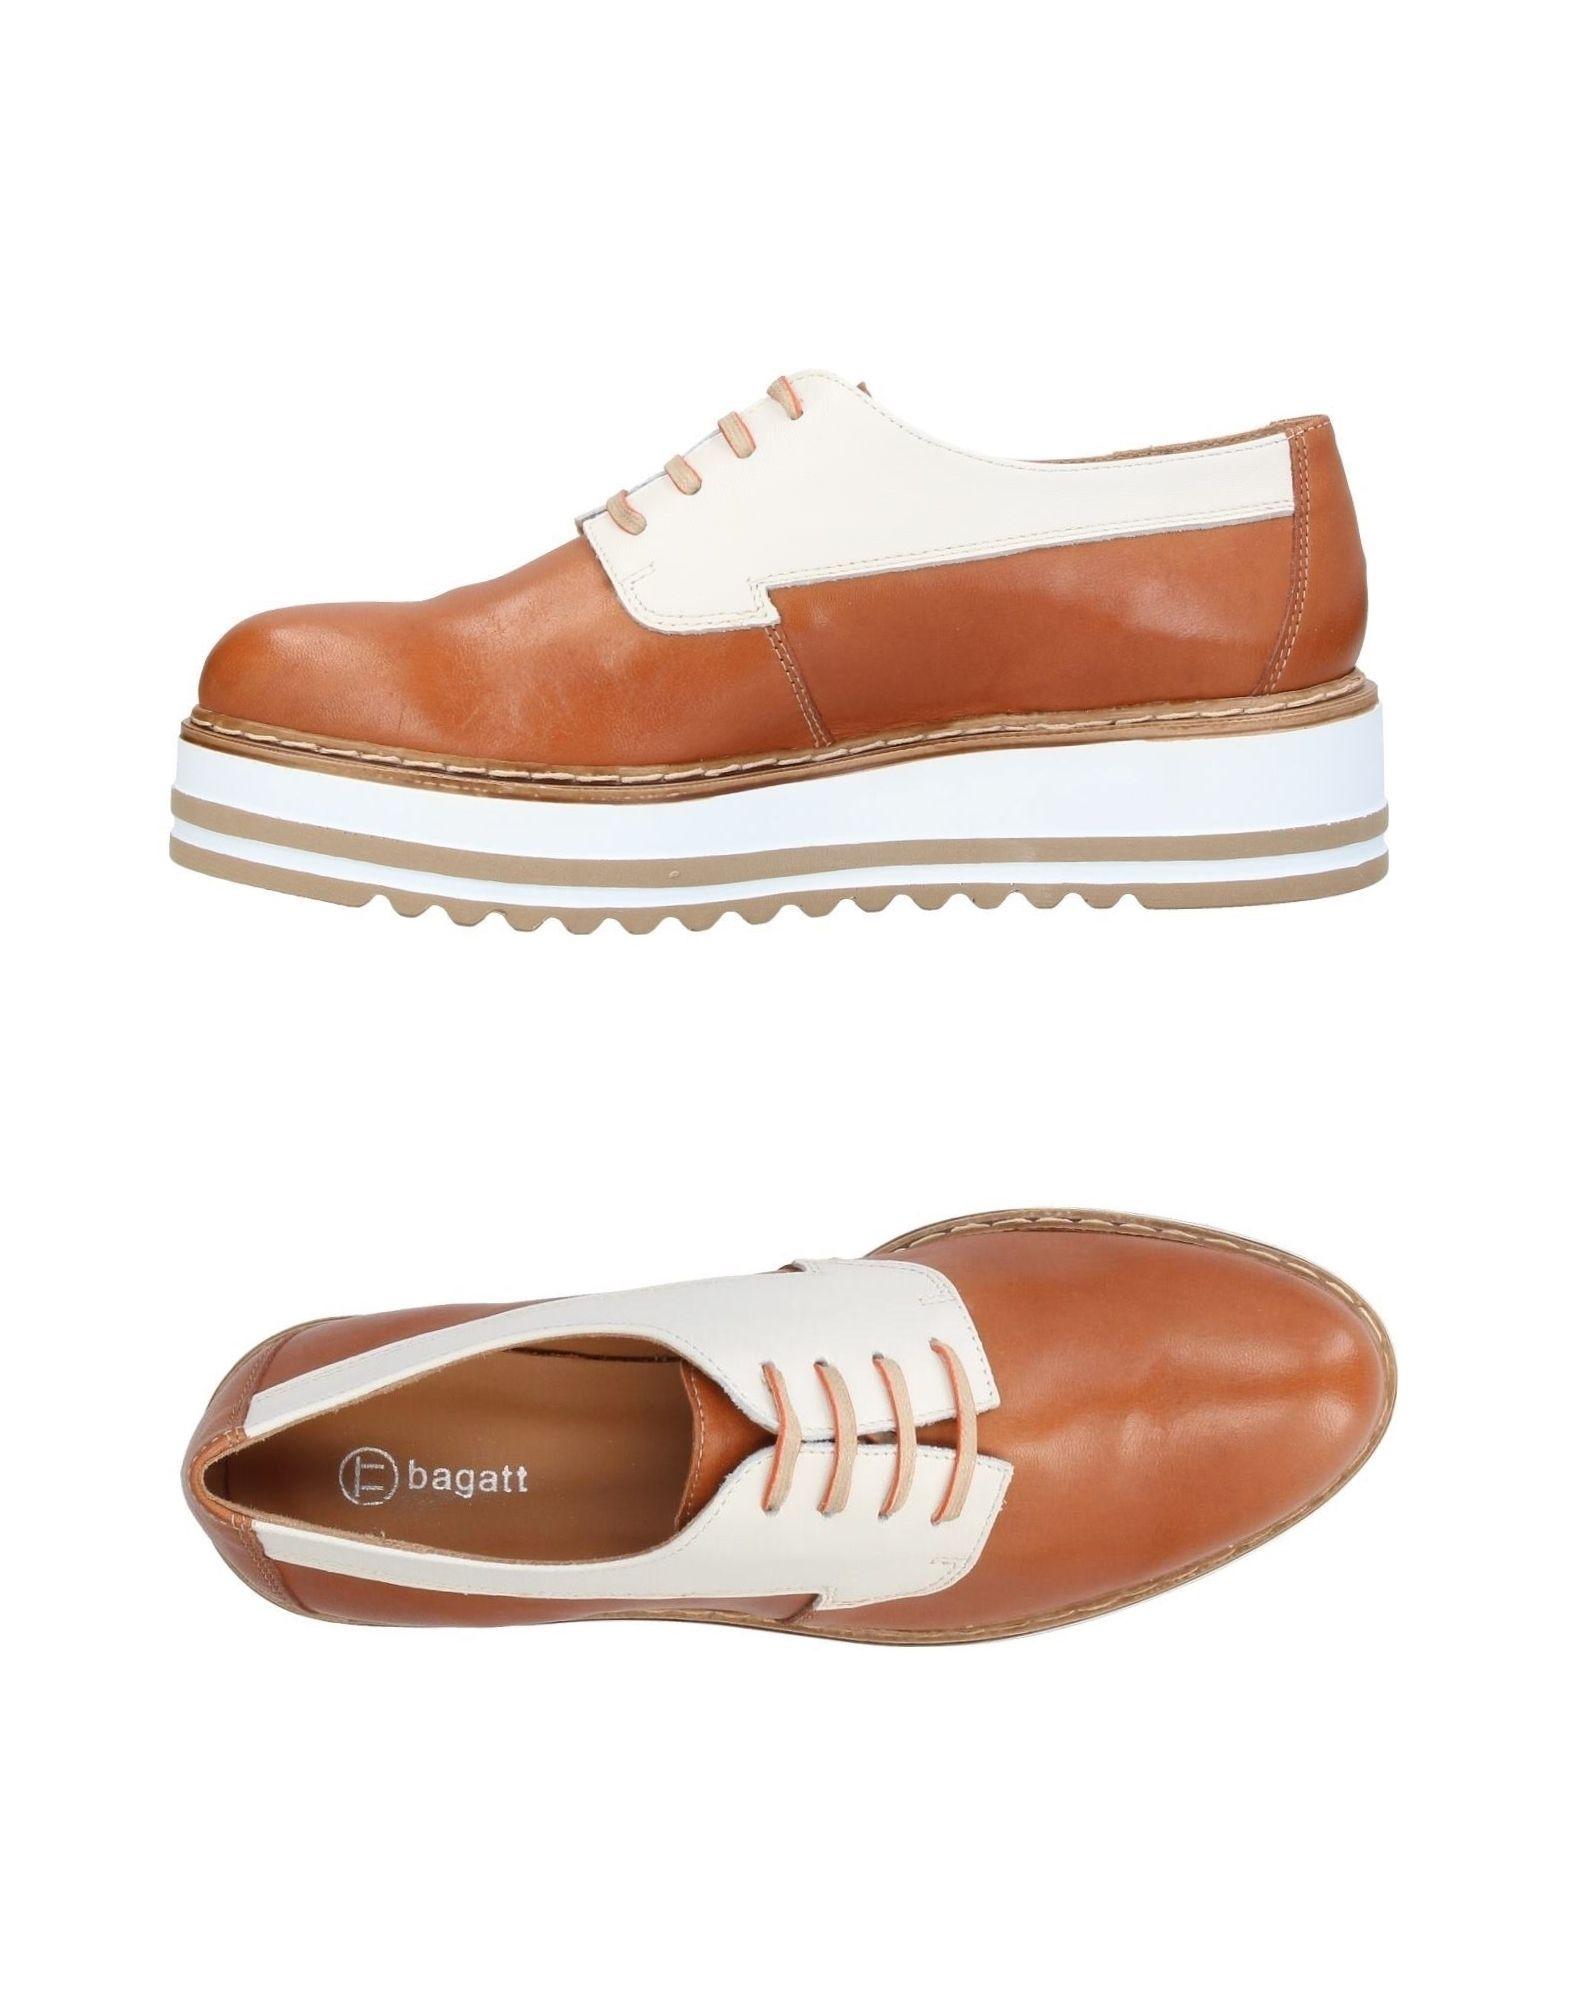 Bagatt Schnürschuhe Damen  11412436DO Gute Qualität beliebte beliebte Qualität Schuhe 2611f3